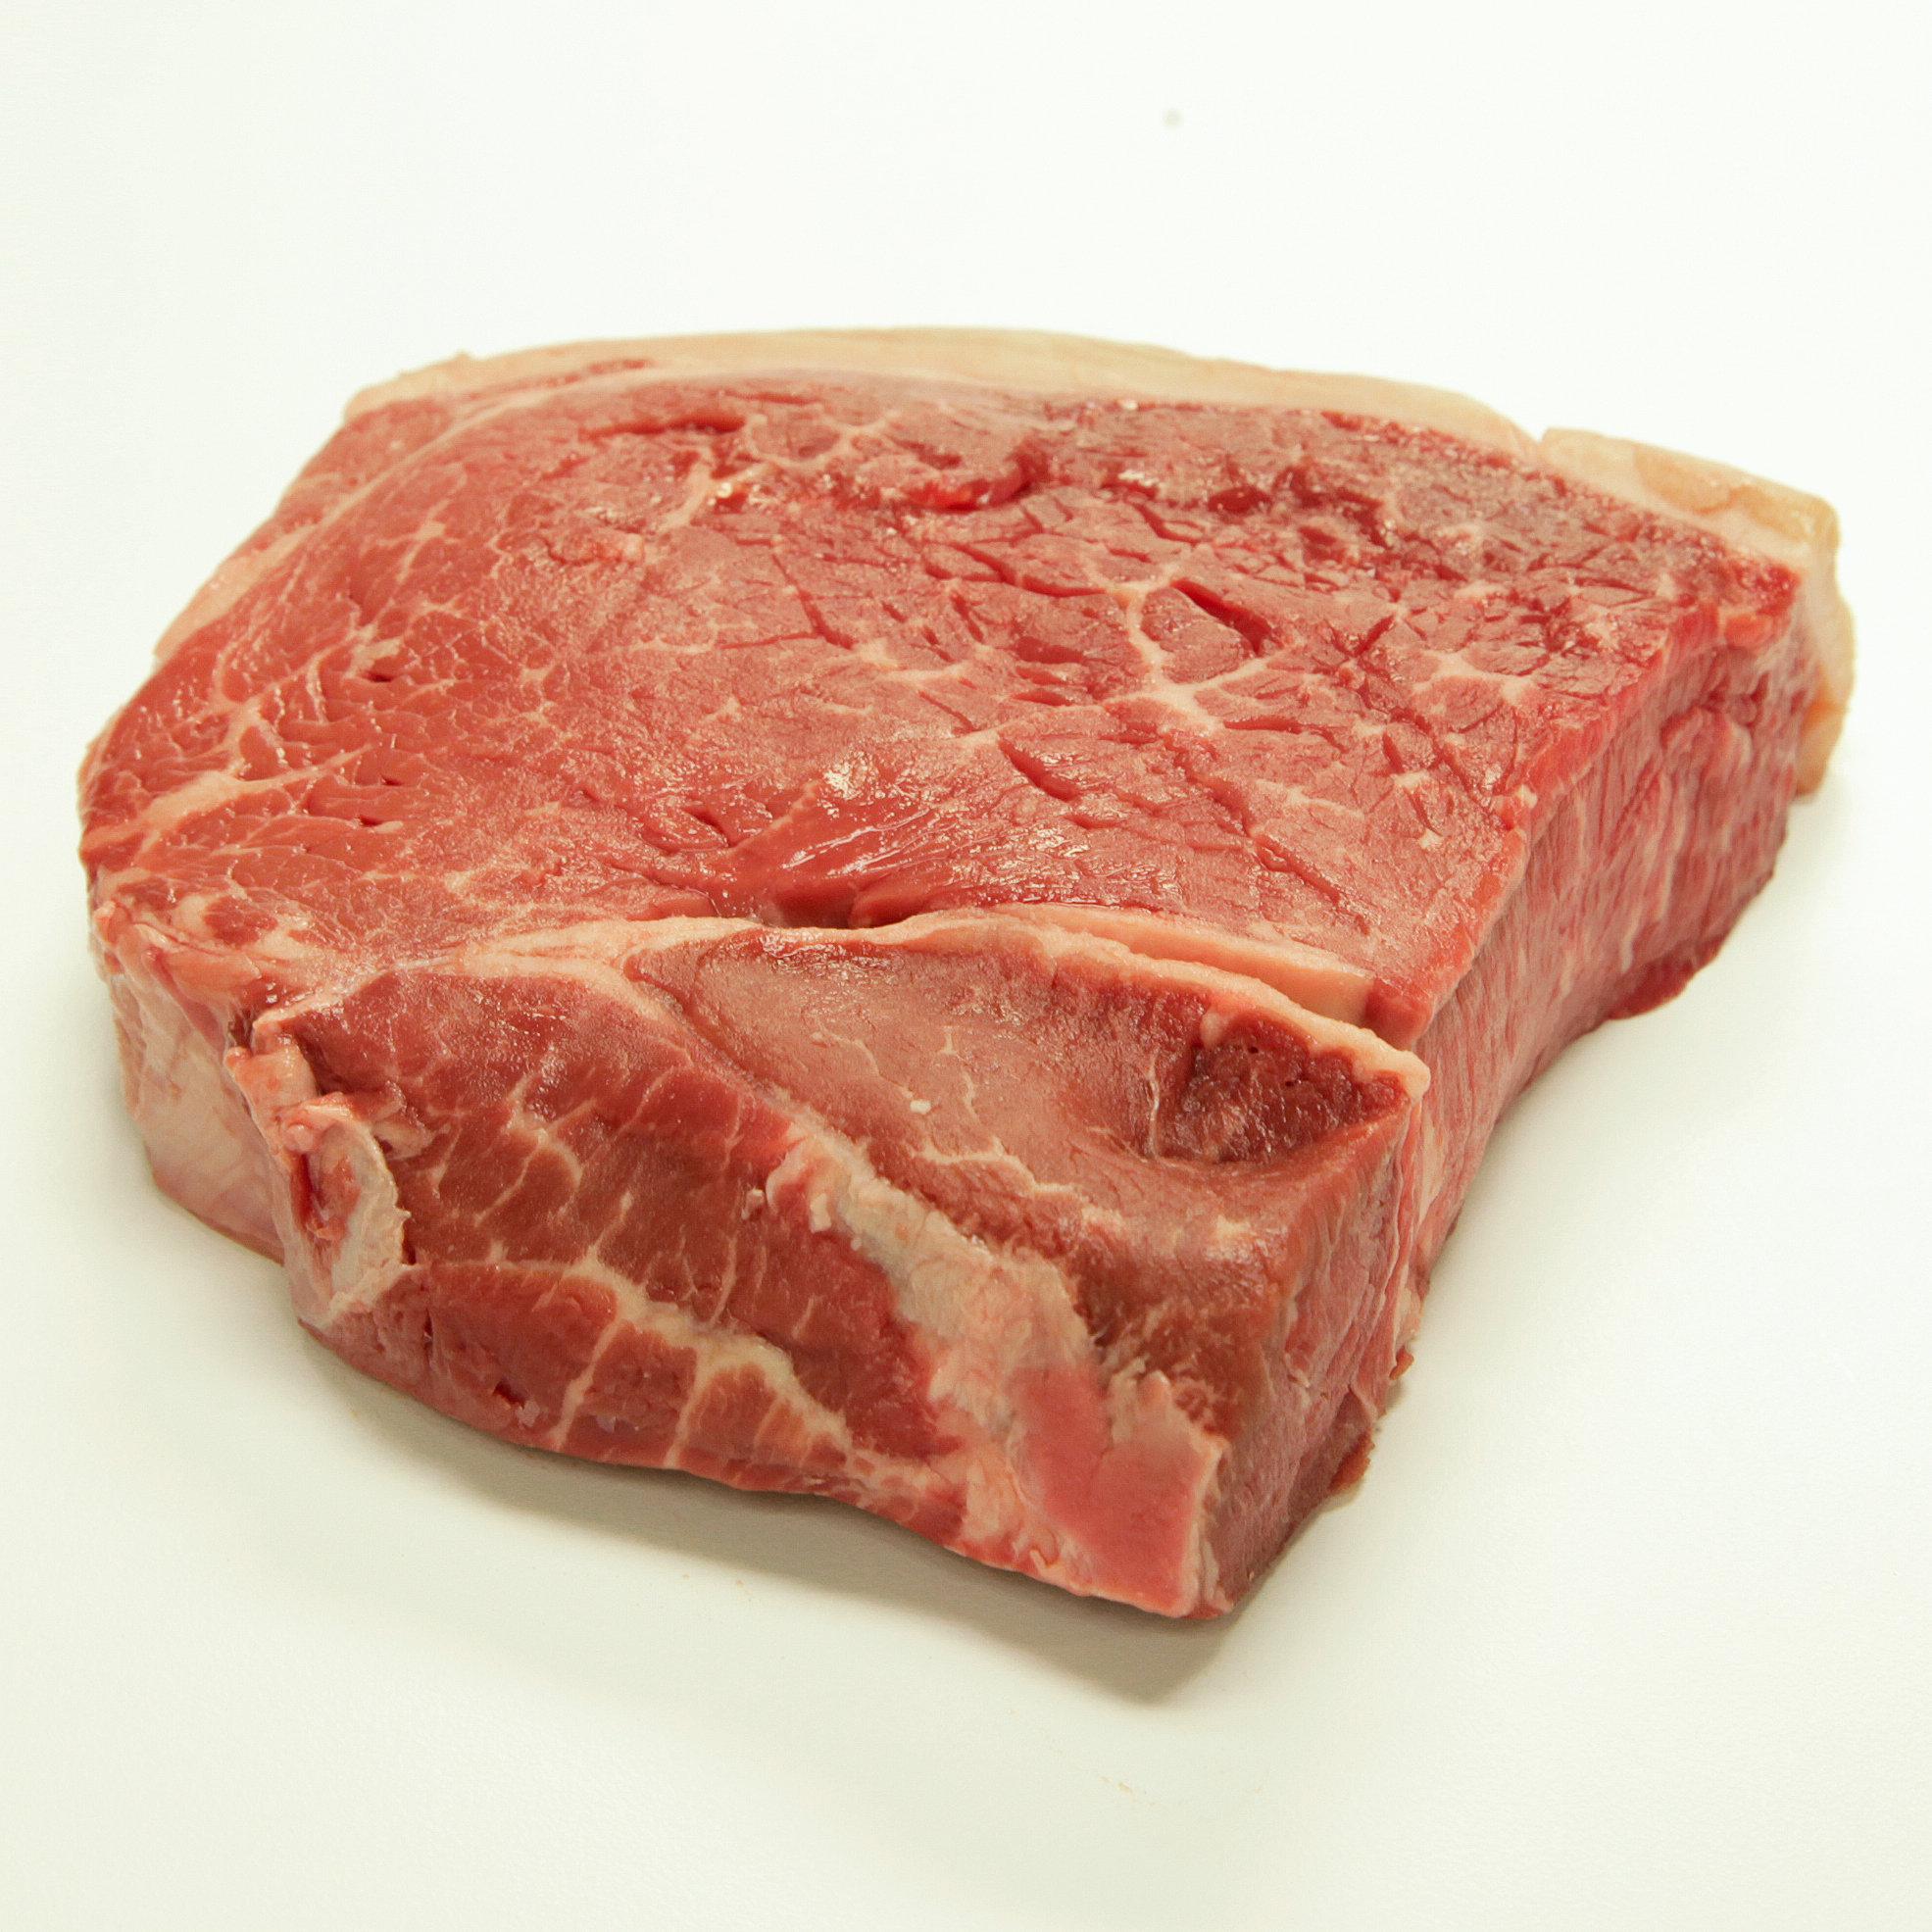 Harris Ranch, Black Angus Top Sirloin Steak, 1.50 lb. 00090